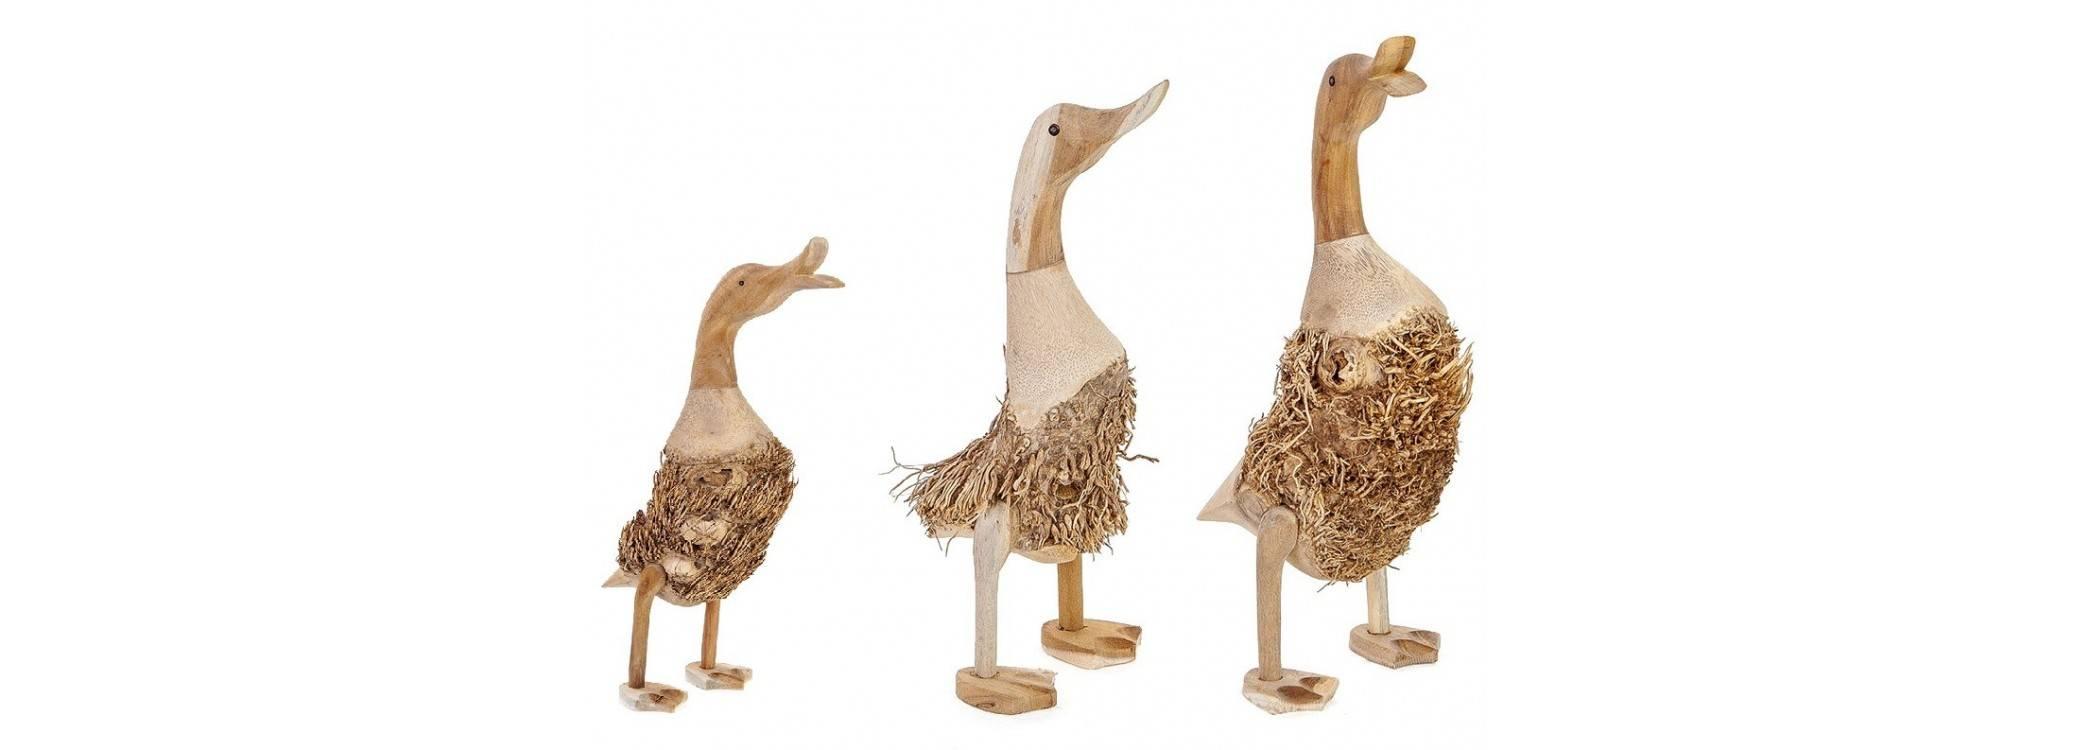 Famille de trois canards, Artisanat du monde.